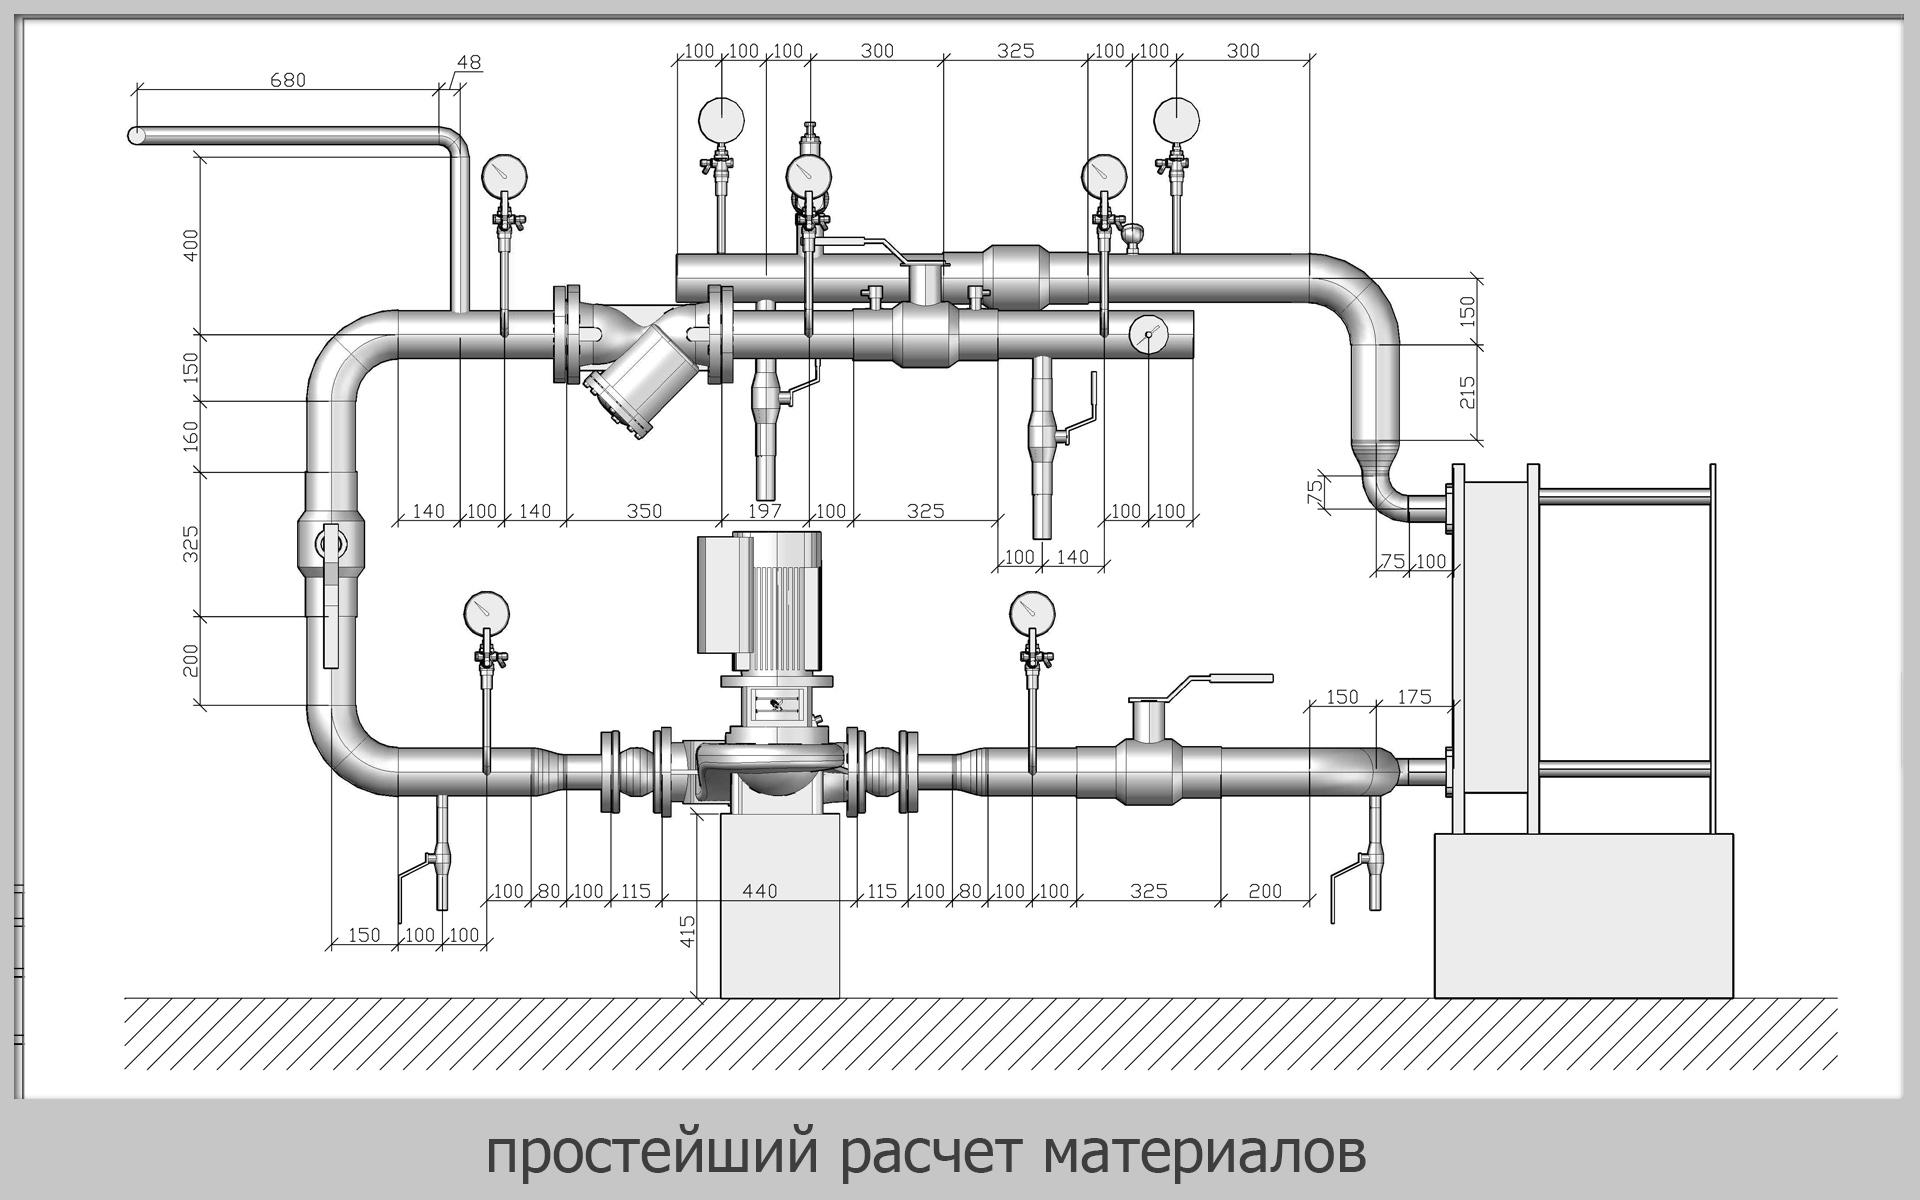 Как прокладывается наружный водопровод